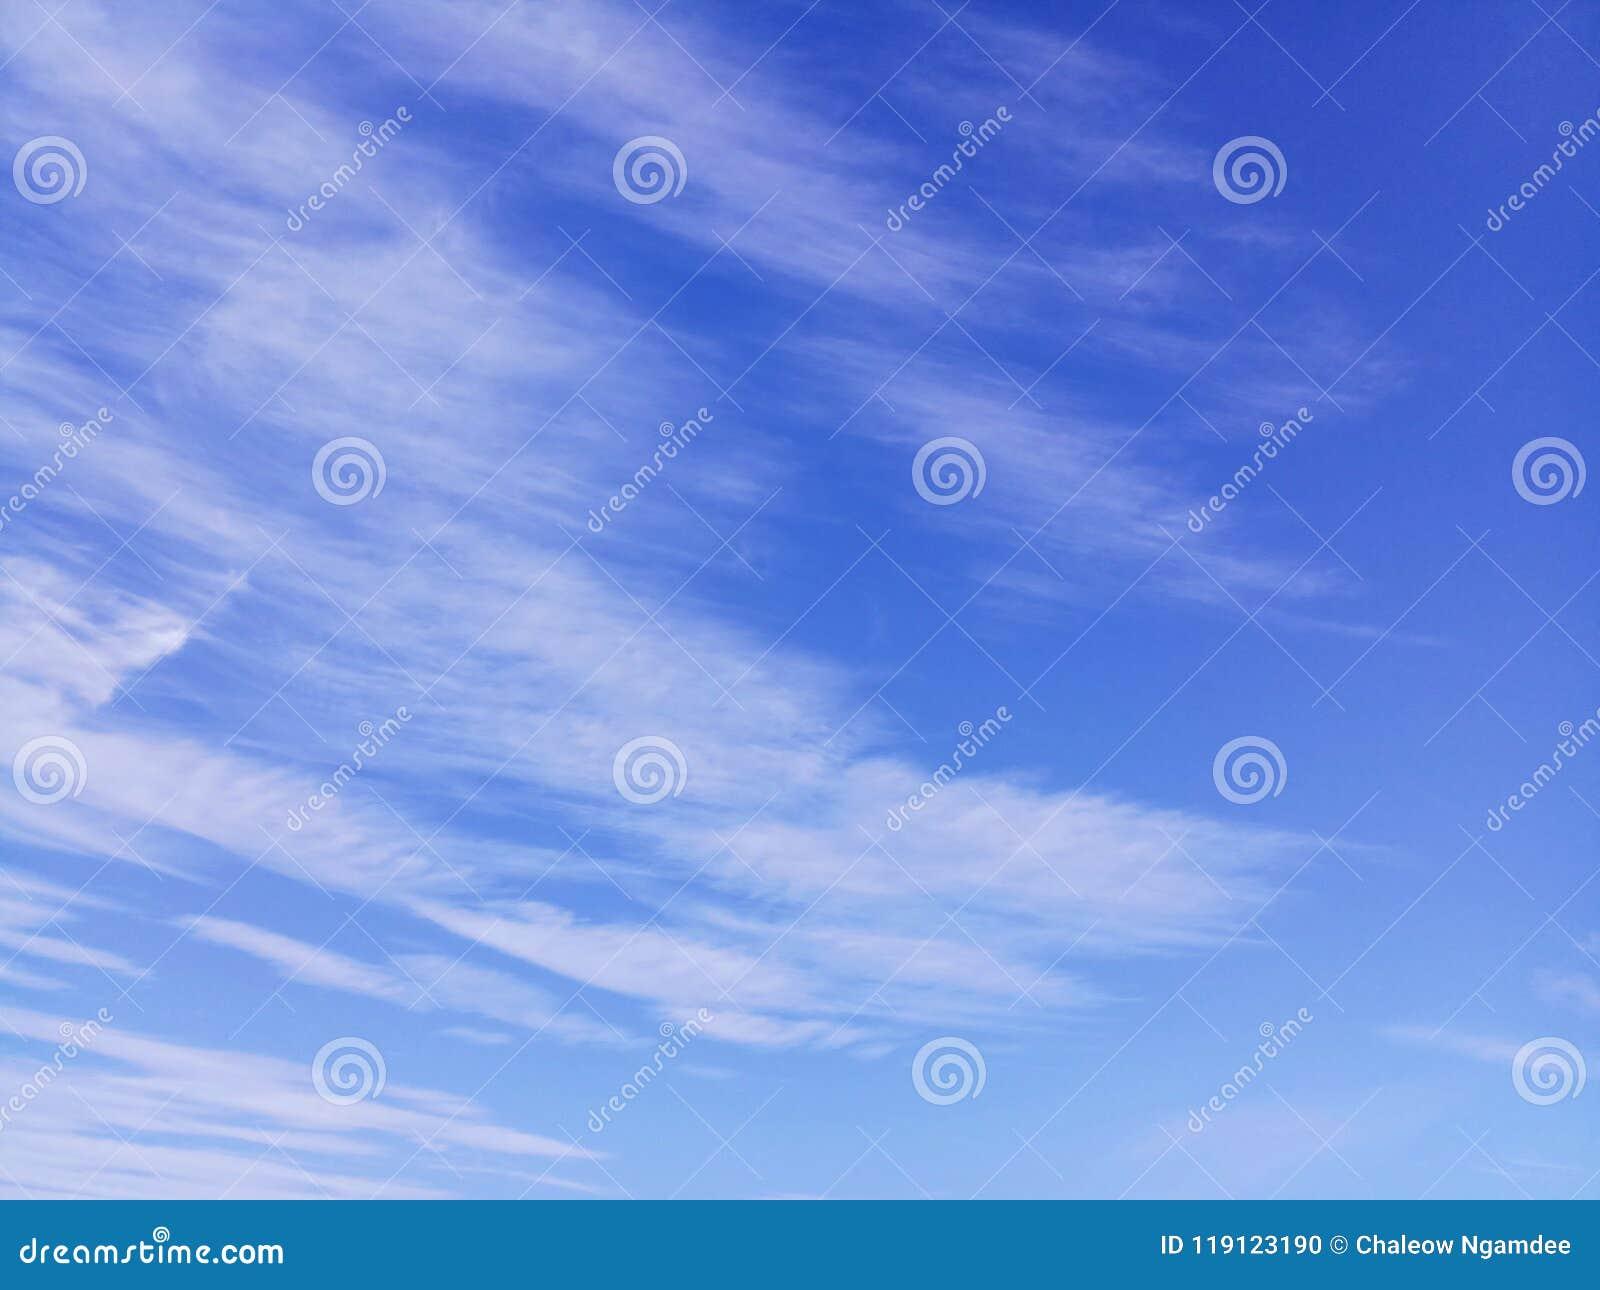 Fundo do céu azul com nuvens brancas